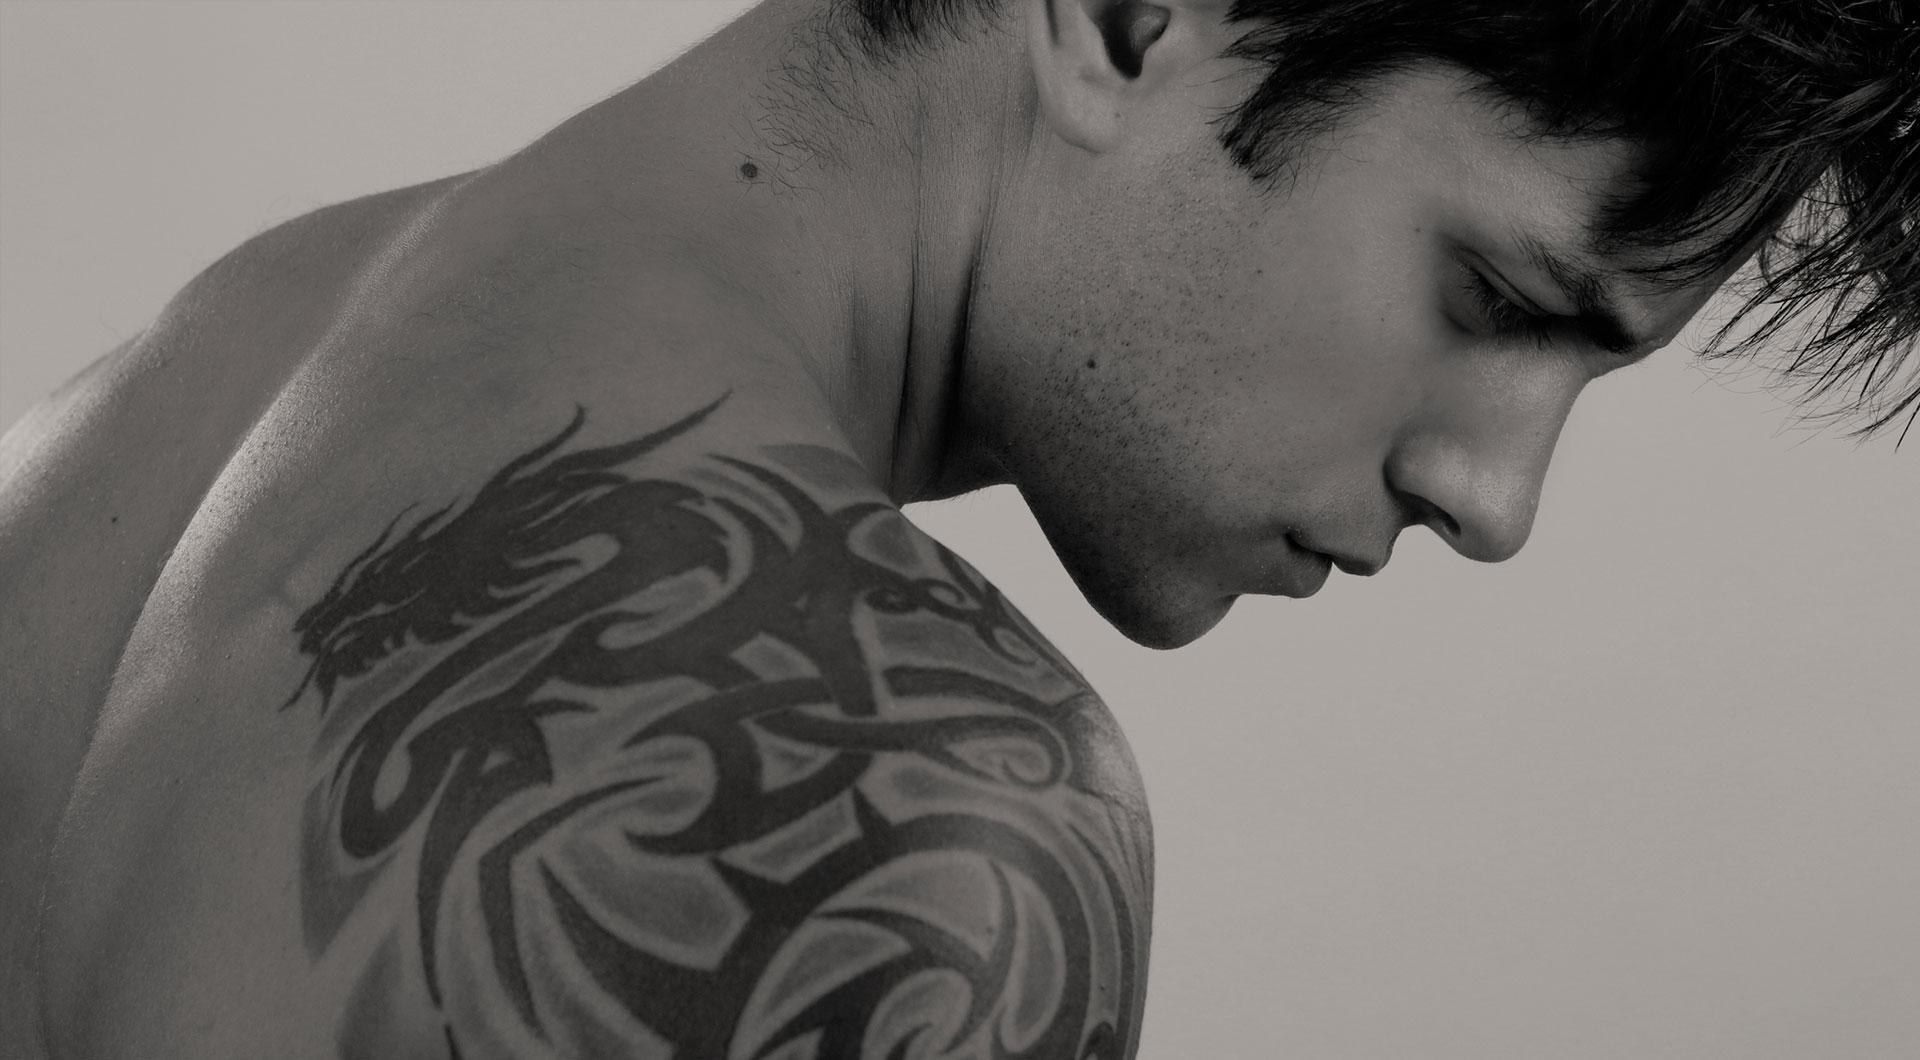 I medici Professionaisti di Doctor Charme effettuano la rimozione dei tatuaggi con strumenti innovativi